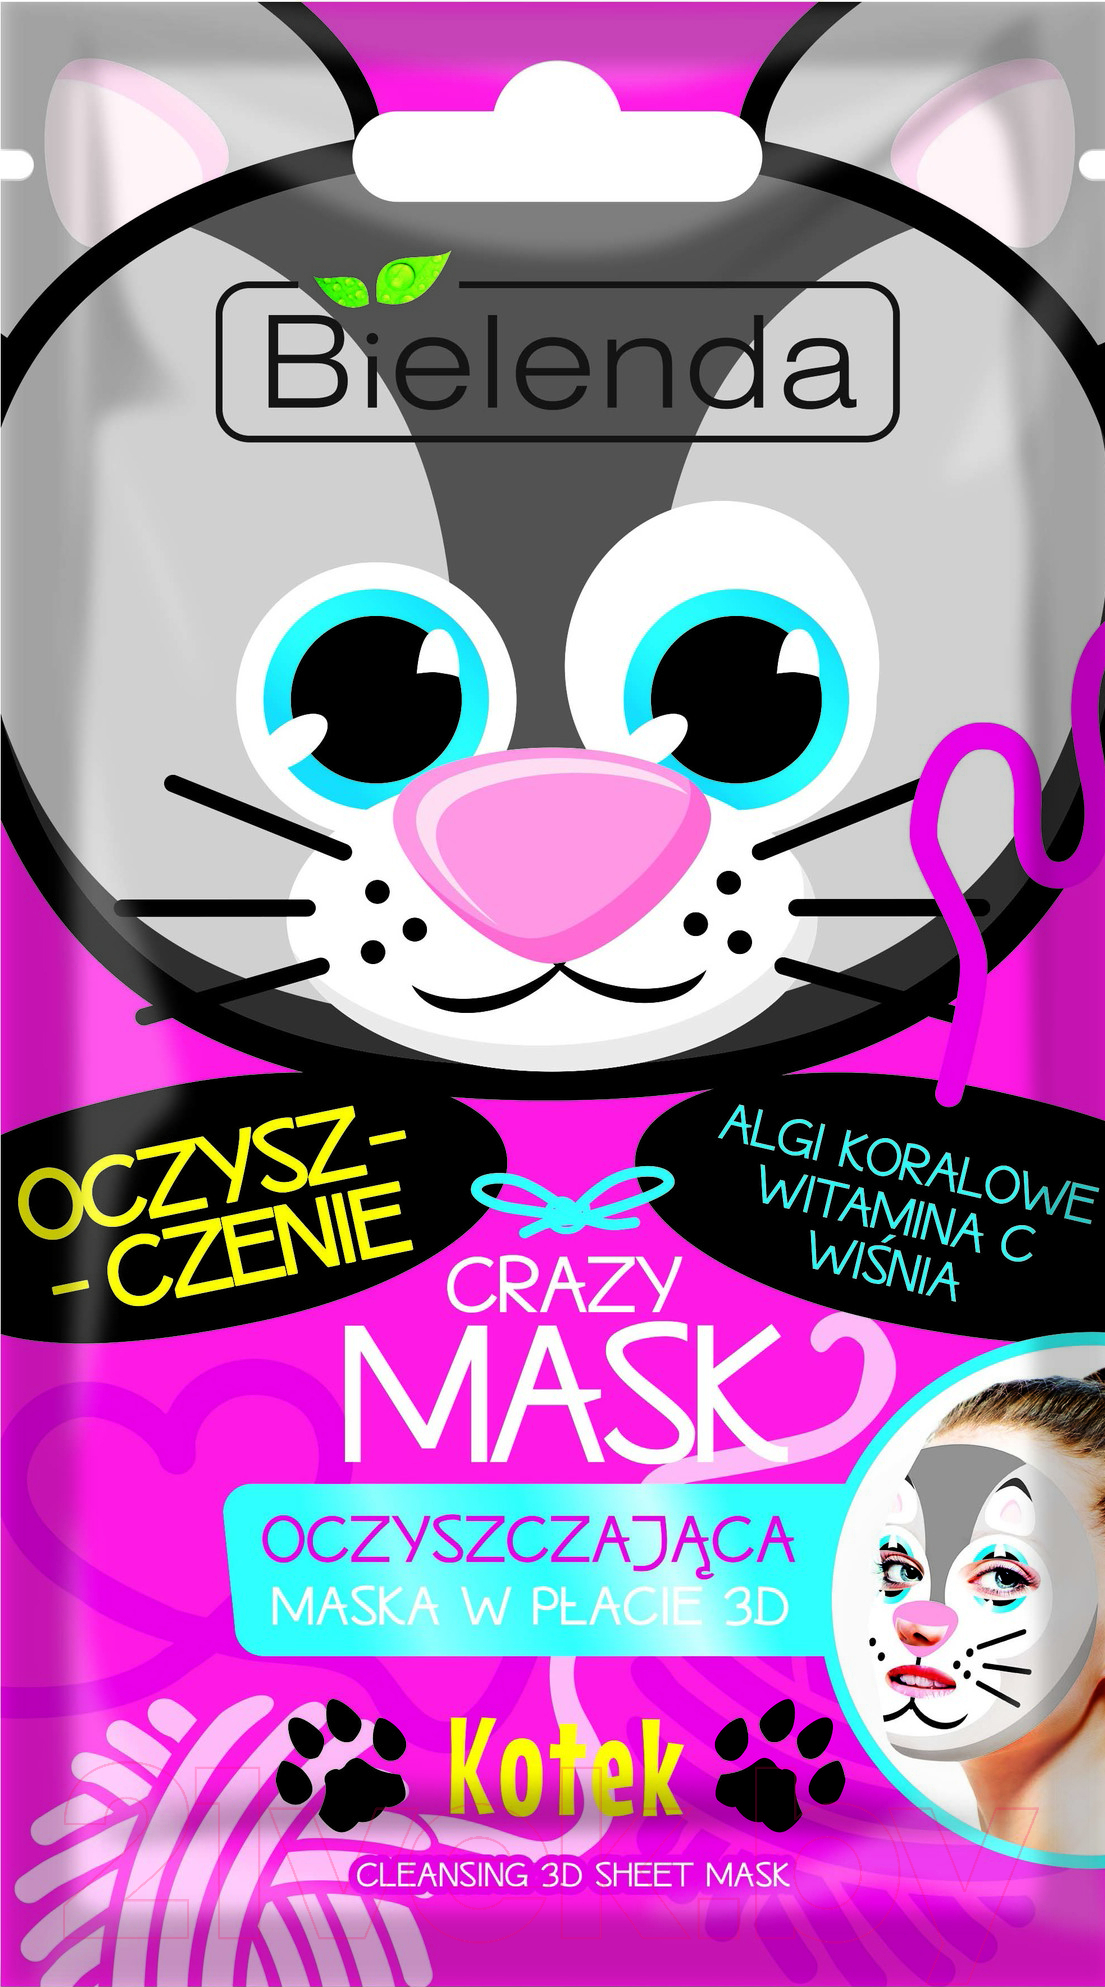 Купить Маска для лица тканевая Bielenda, Crazy Mask Котик очищающая, Польша, Crazy Mask (Bielenda)